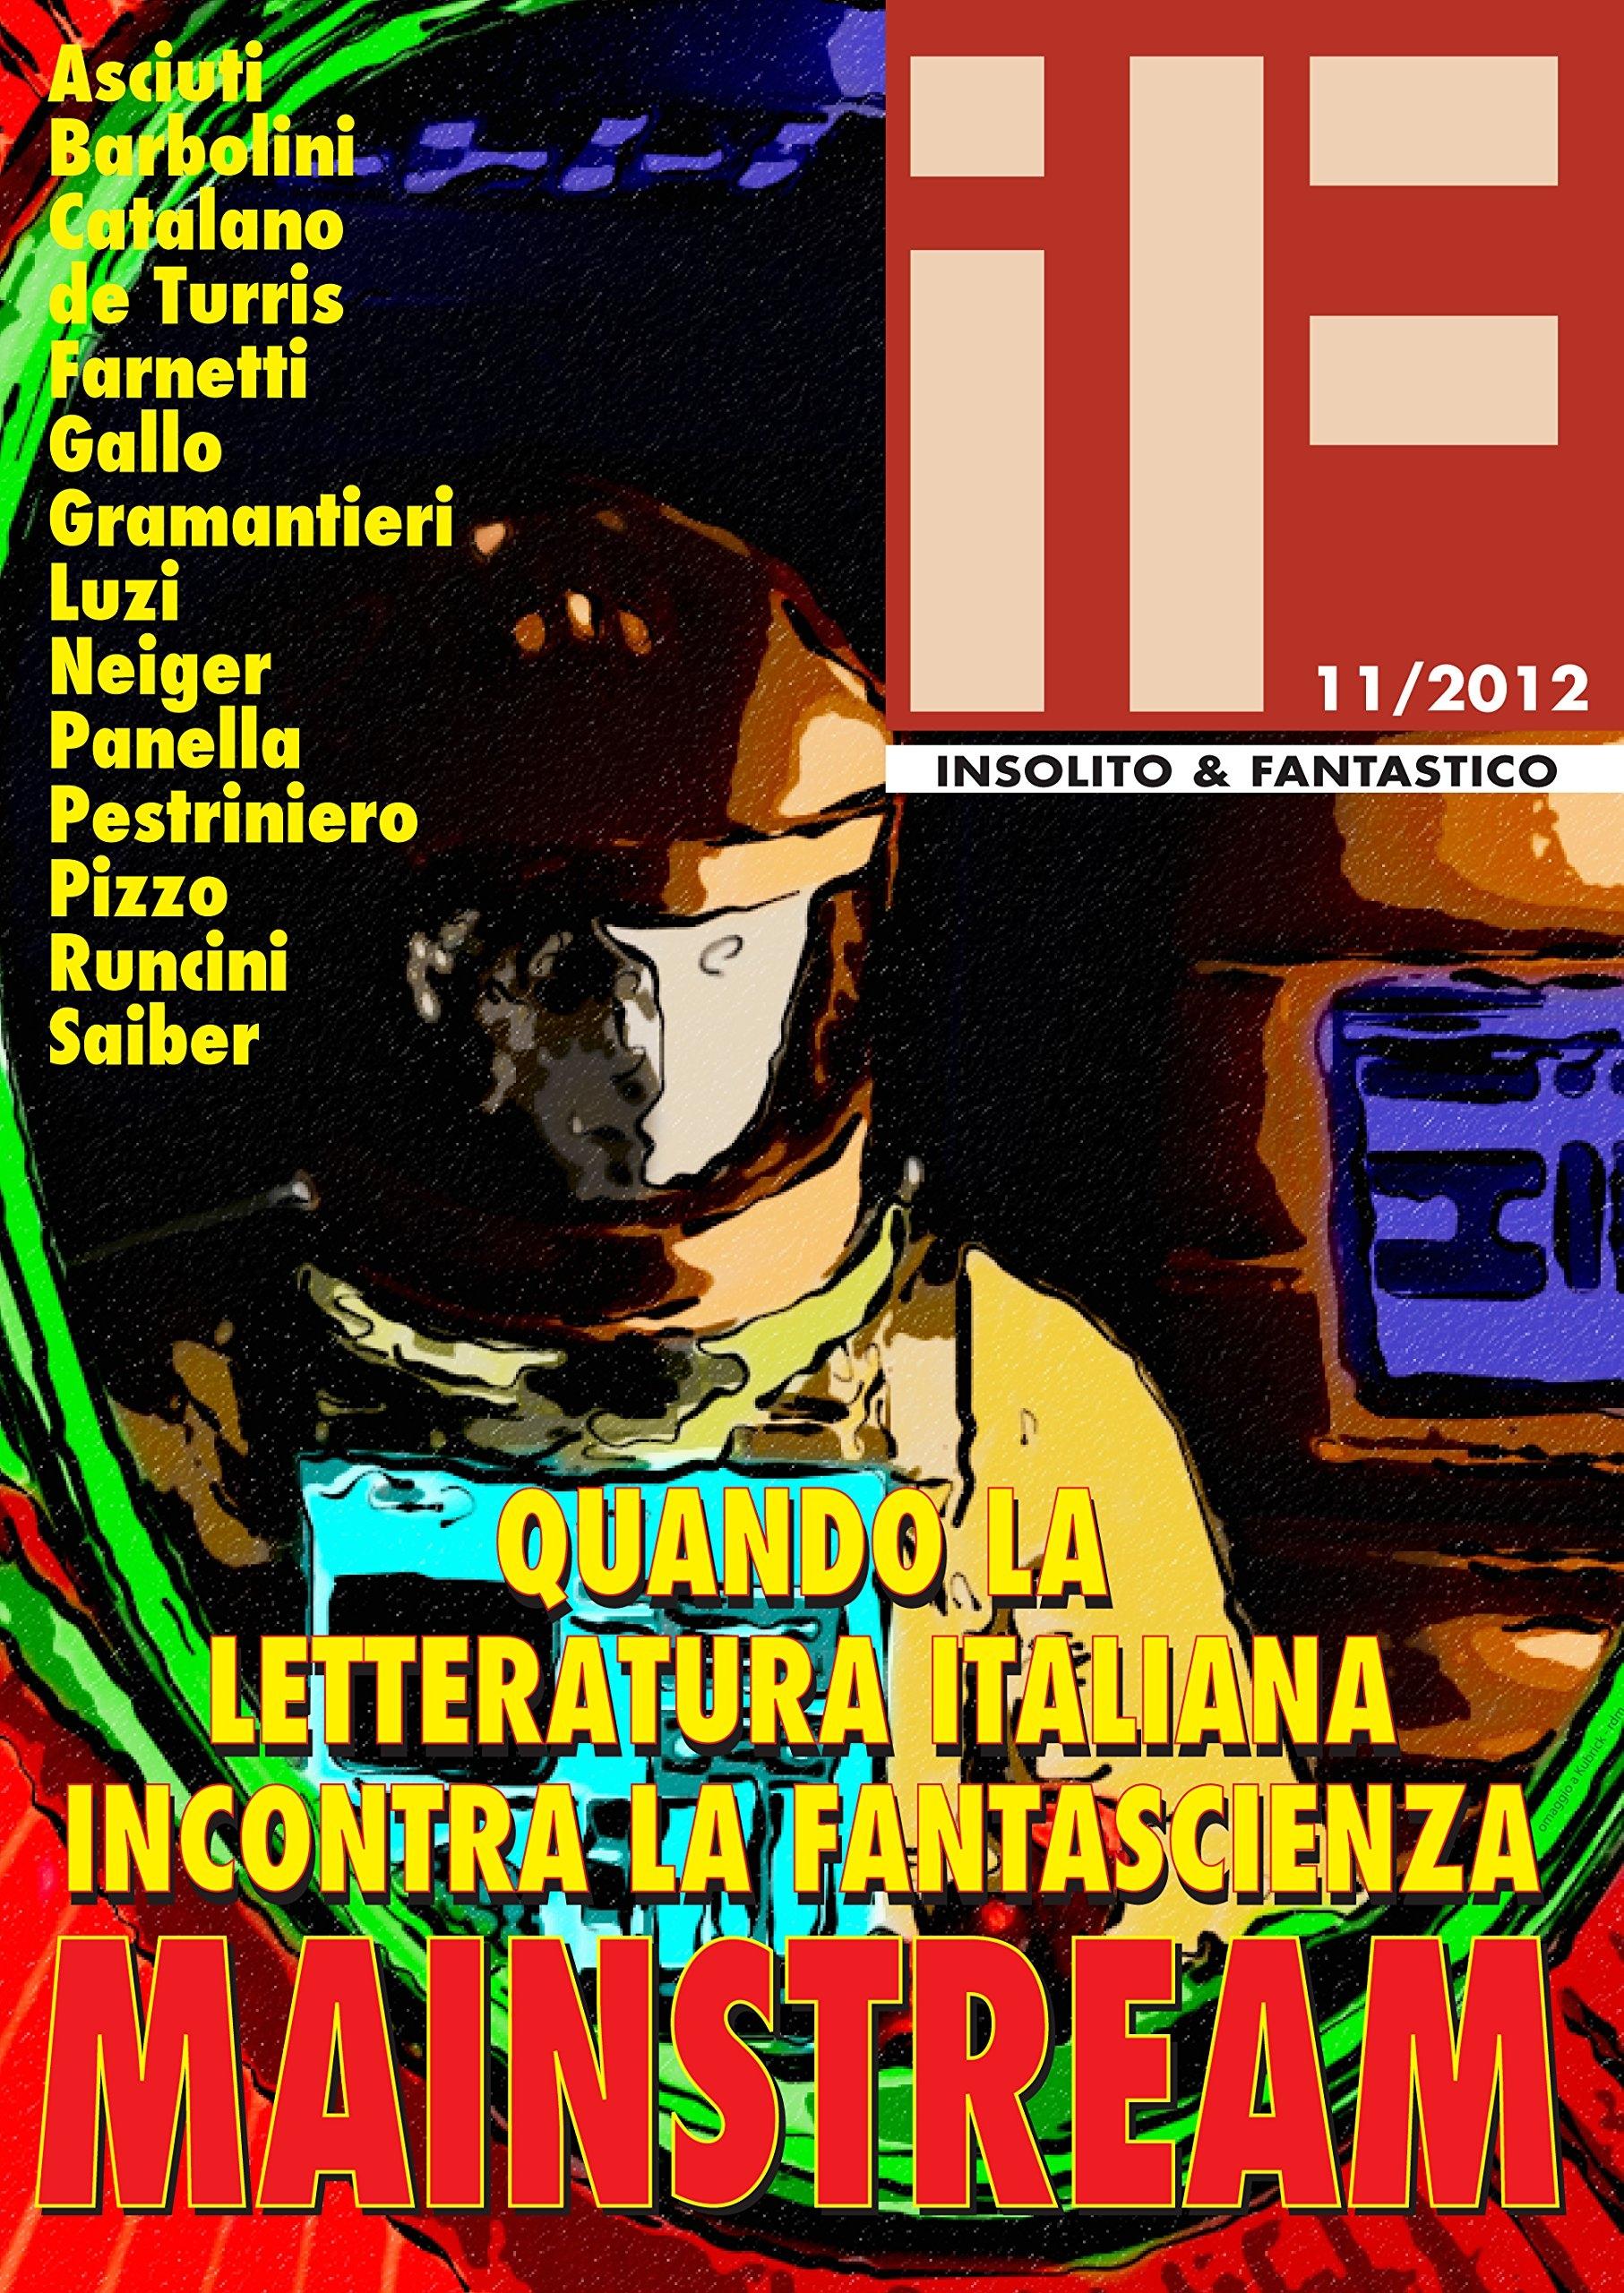 Mainstream. Quando la letteratura italiana incontra la fantascienza.